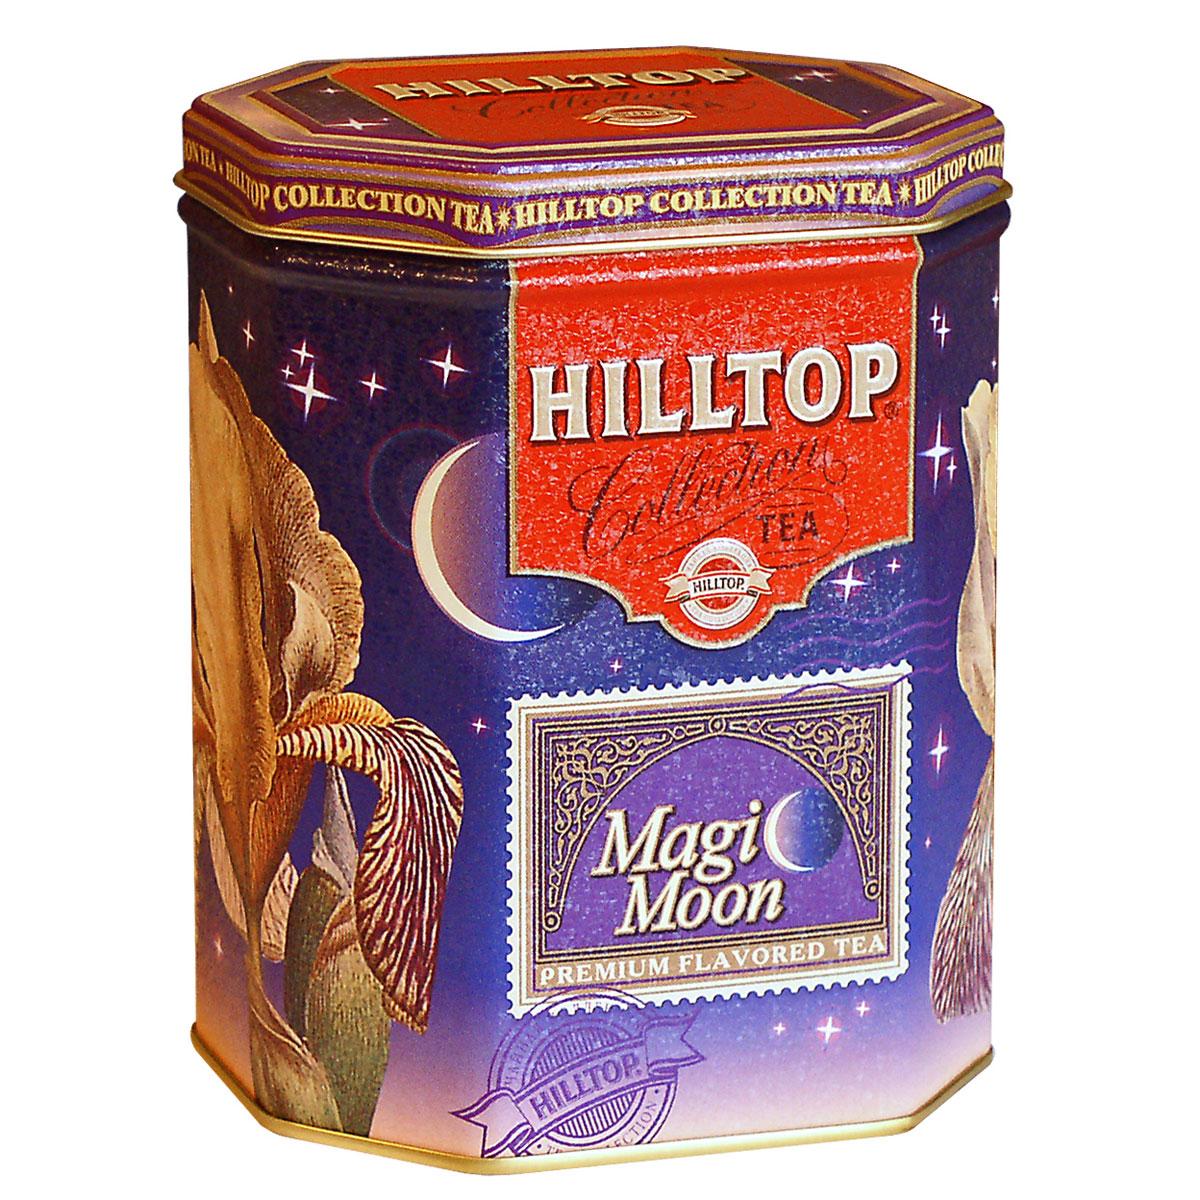 Hilltop Волшебная луна черный листовой чай, 100 г4607099300323Hilltop Волшебная луна - смесь черного и зеленого чая с лепестками календулы, розы, плодами шиповника, цукатами из папайи, дыни и абрикоса.